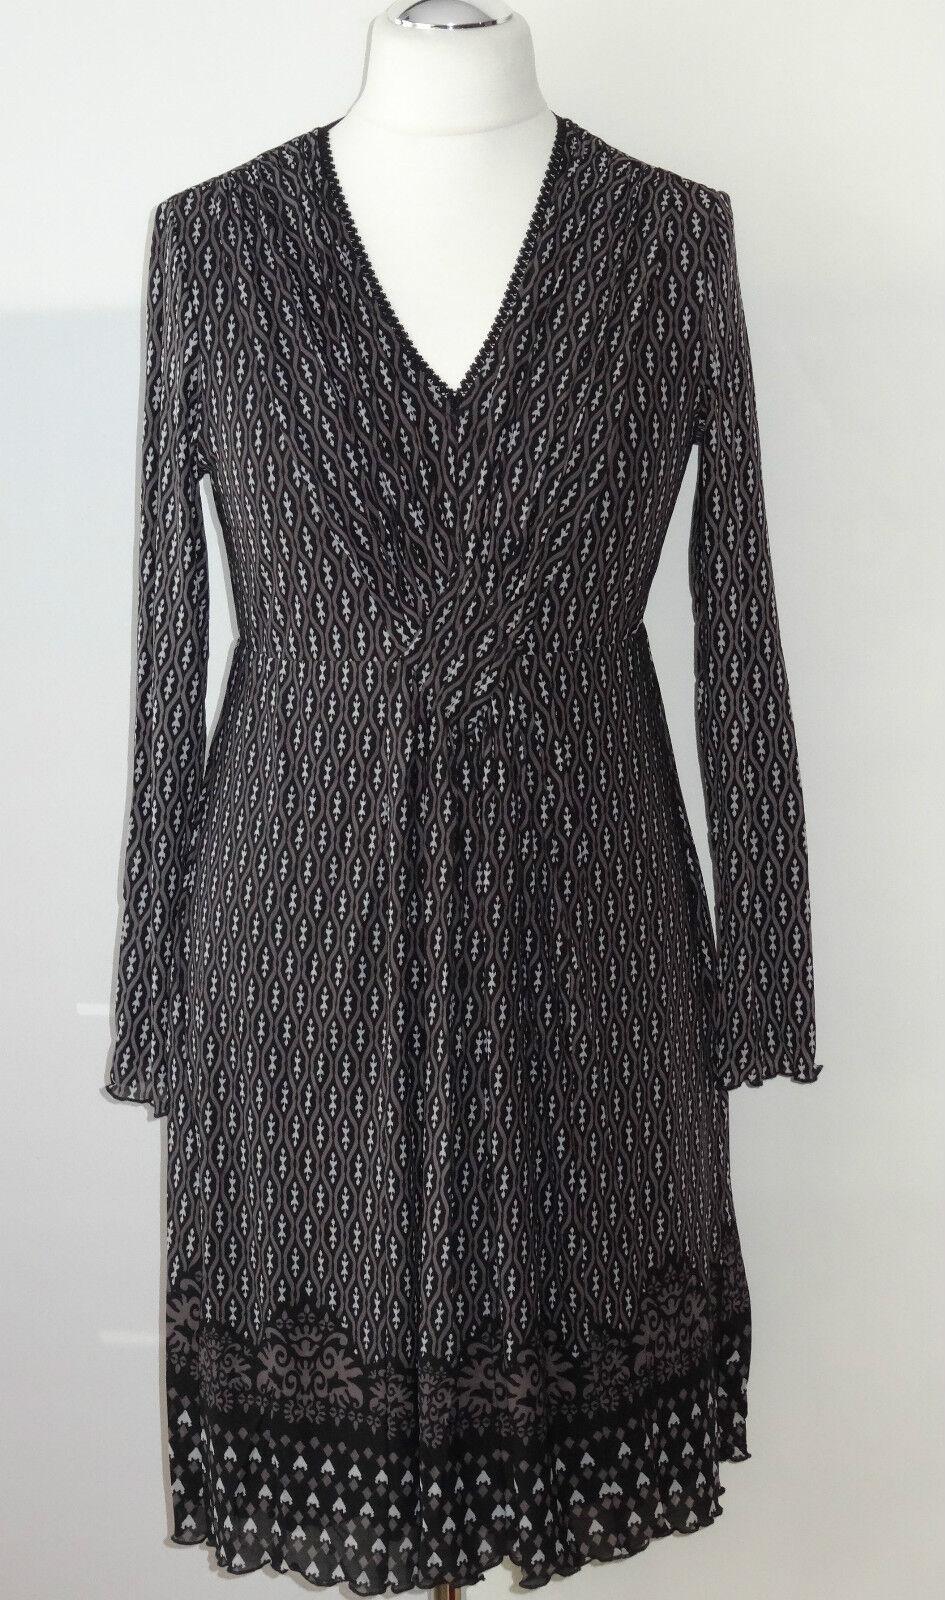 Taifun by Gerry Weber Etuikleid Gr 40 Kleid Damenkleid mit Stretch Viskosenkleid